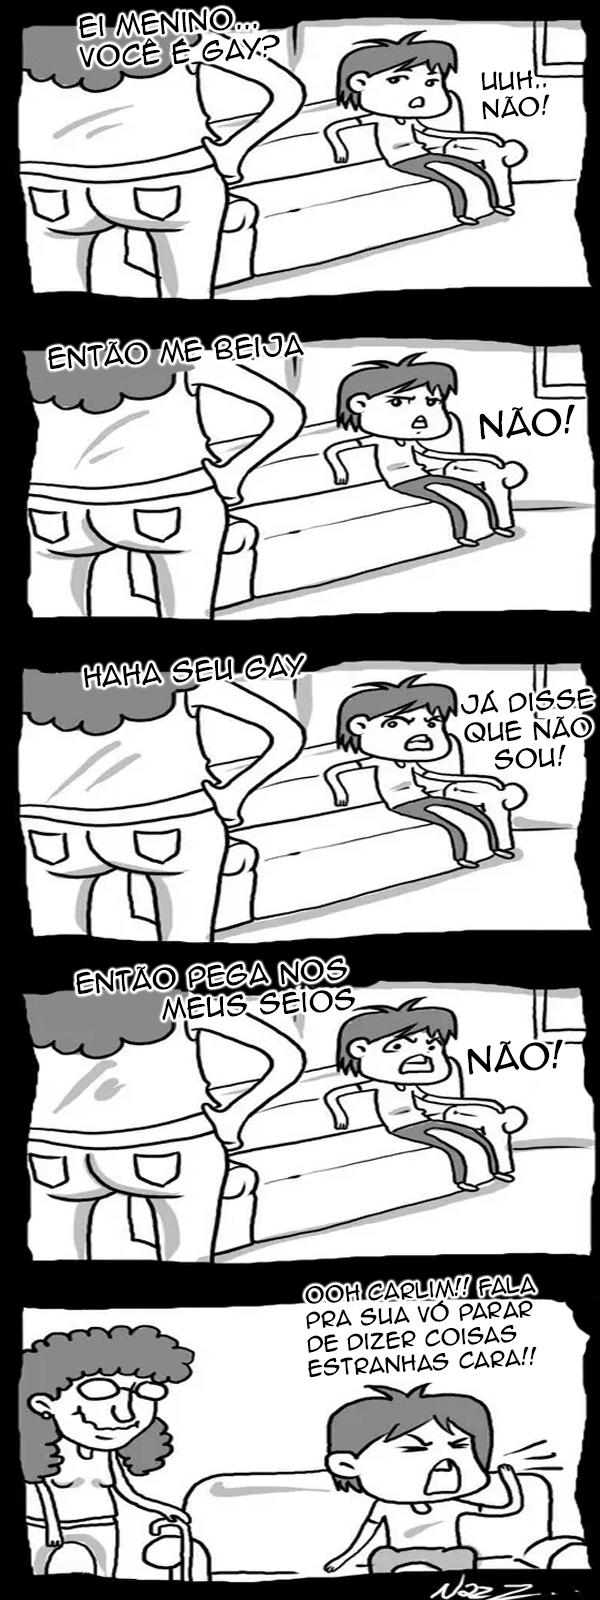 vo-tarada